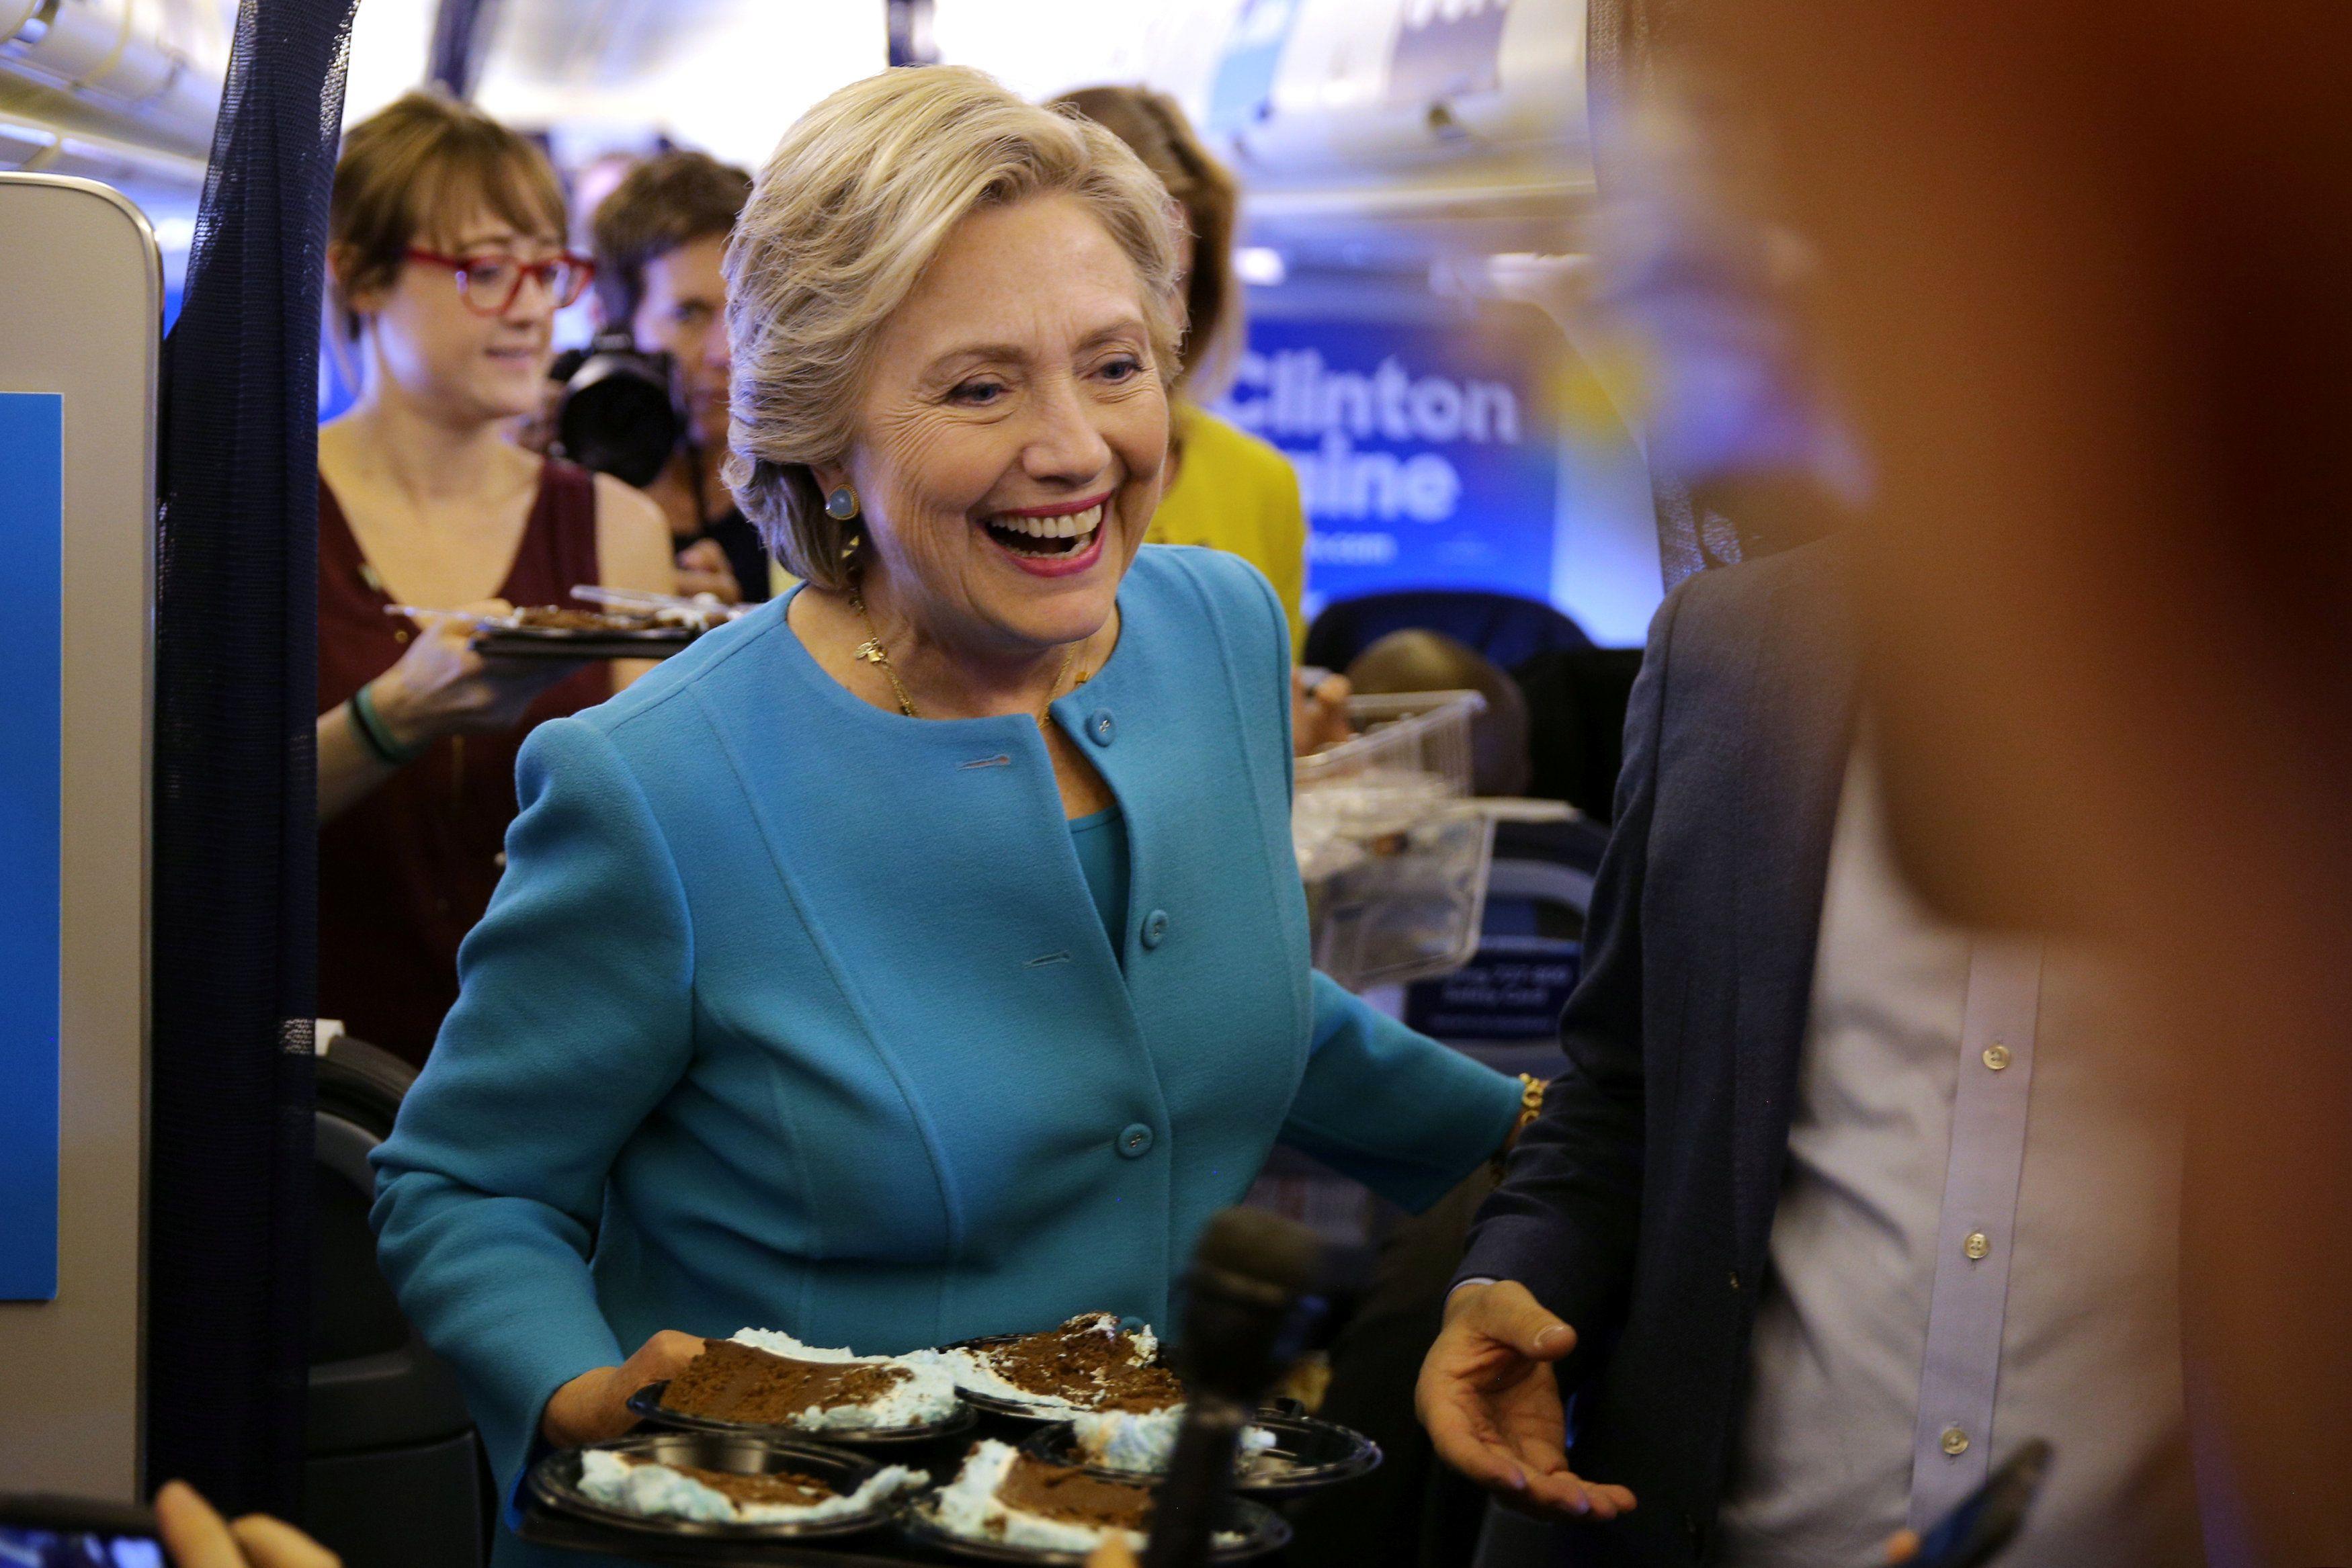 Хиллари Клинтон отметилась в неожиданном жанре киноискусства